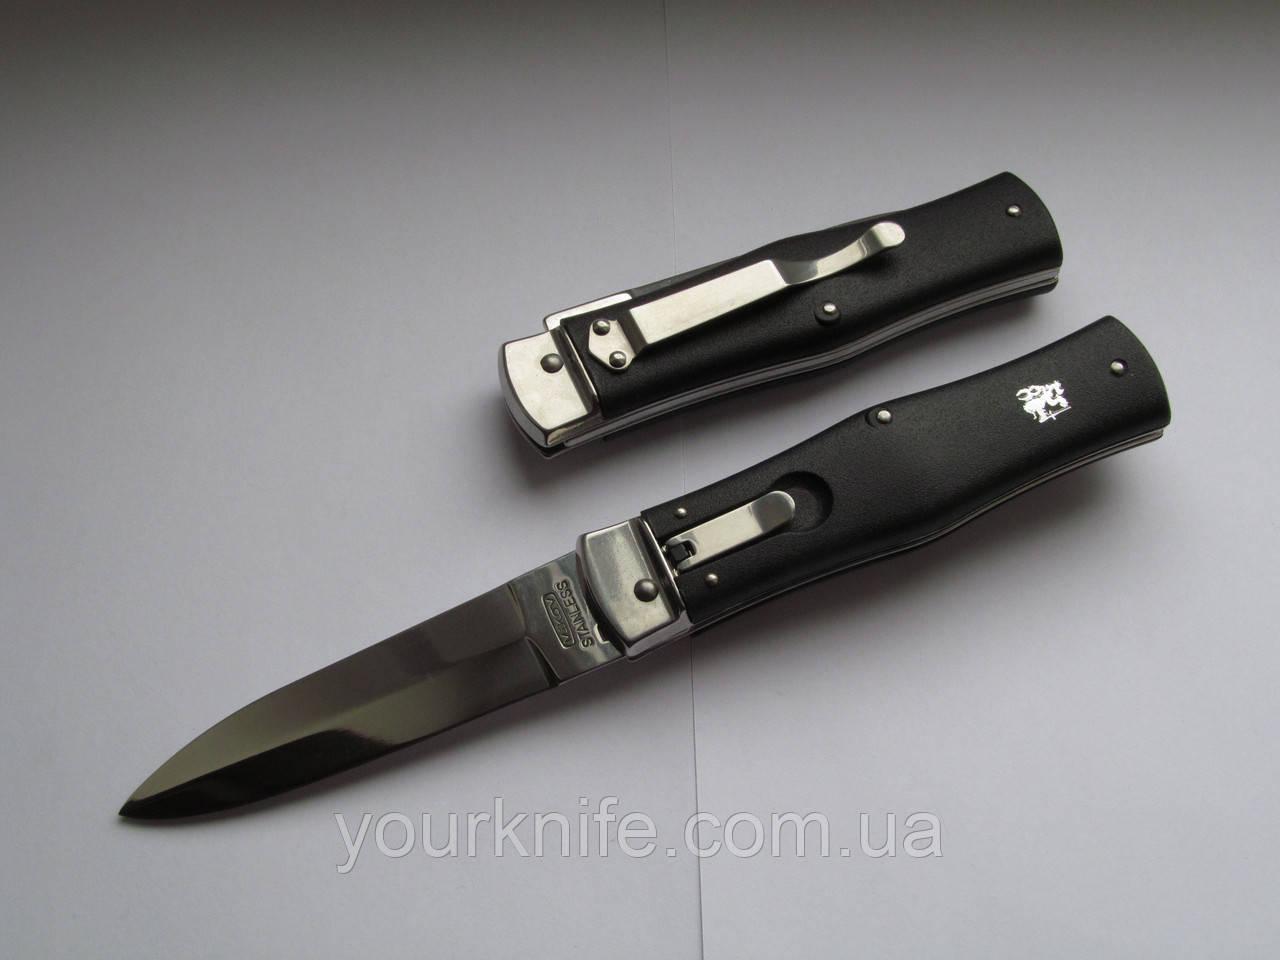 Купить нож пояс